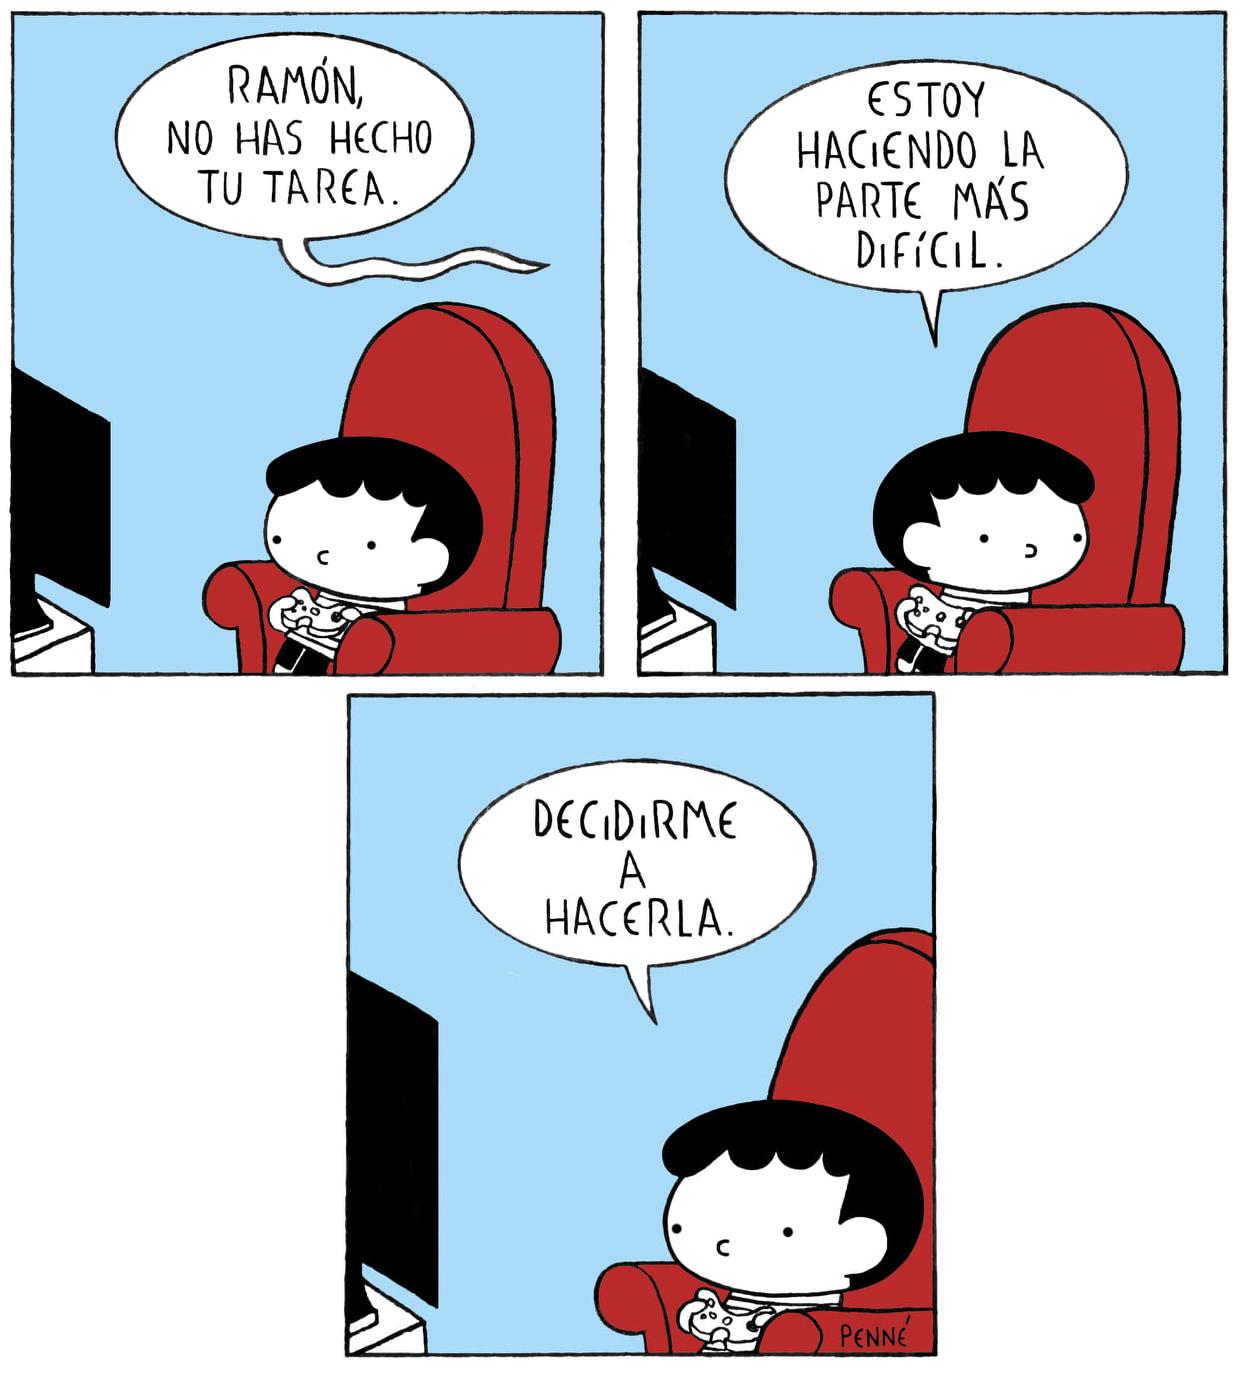 No le falta razón a Ramón